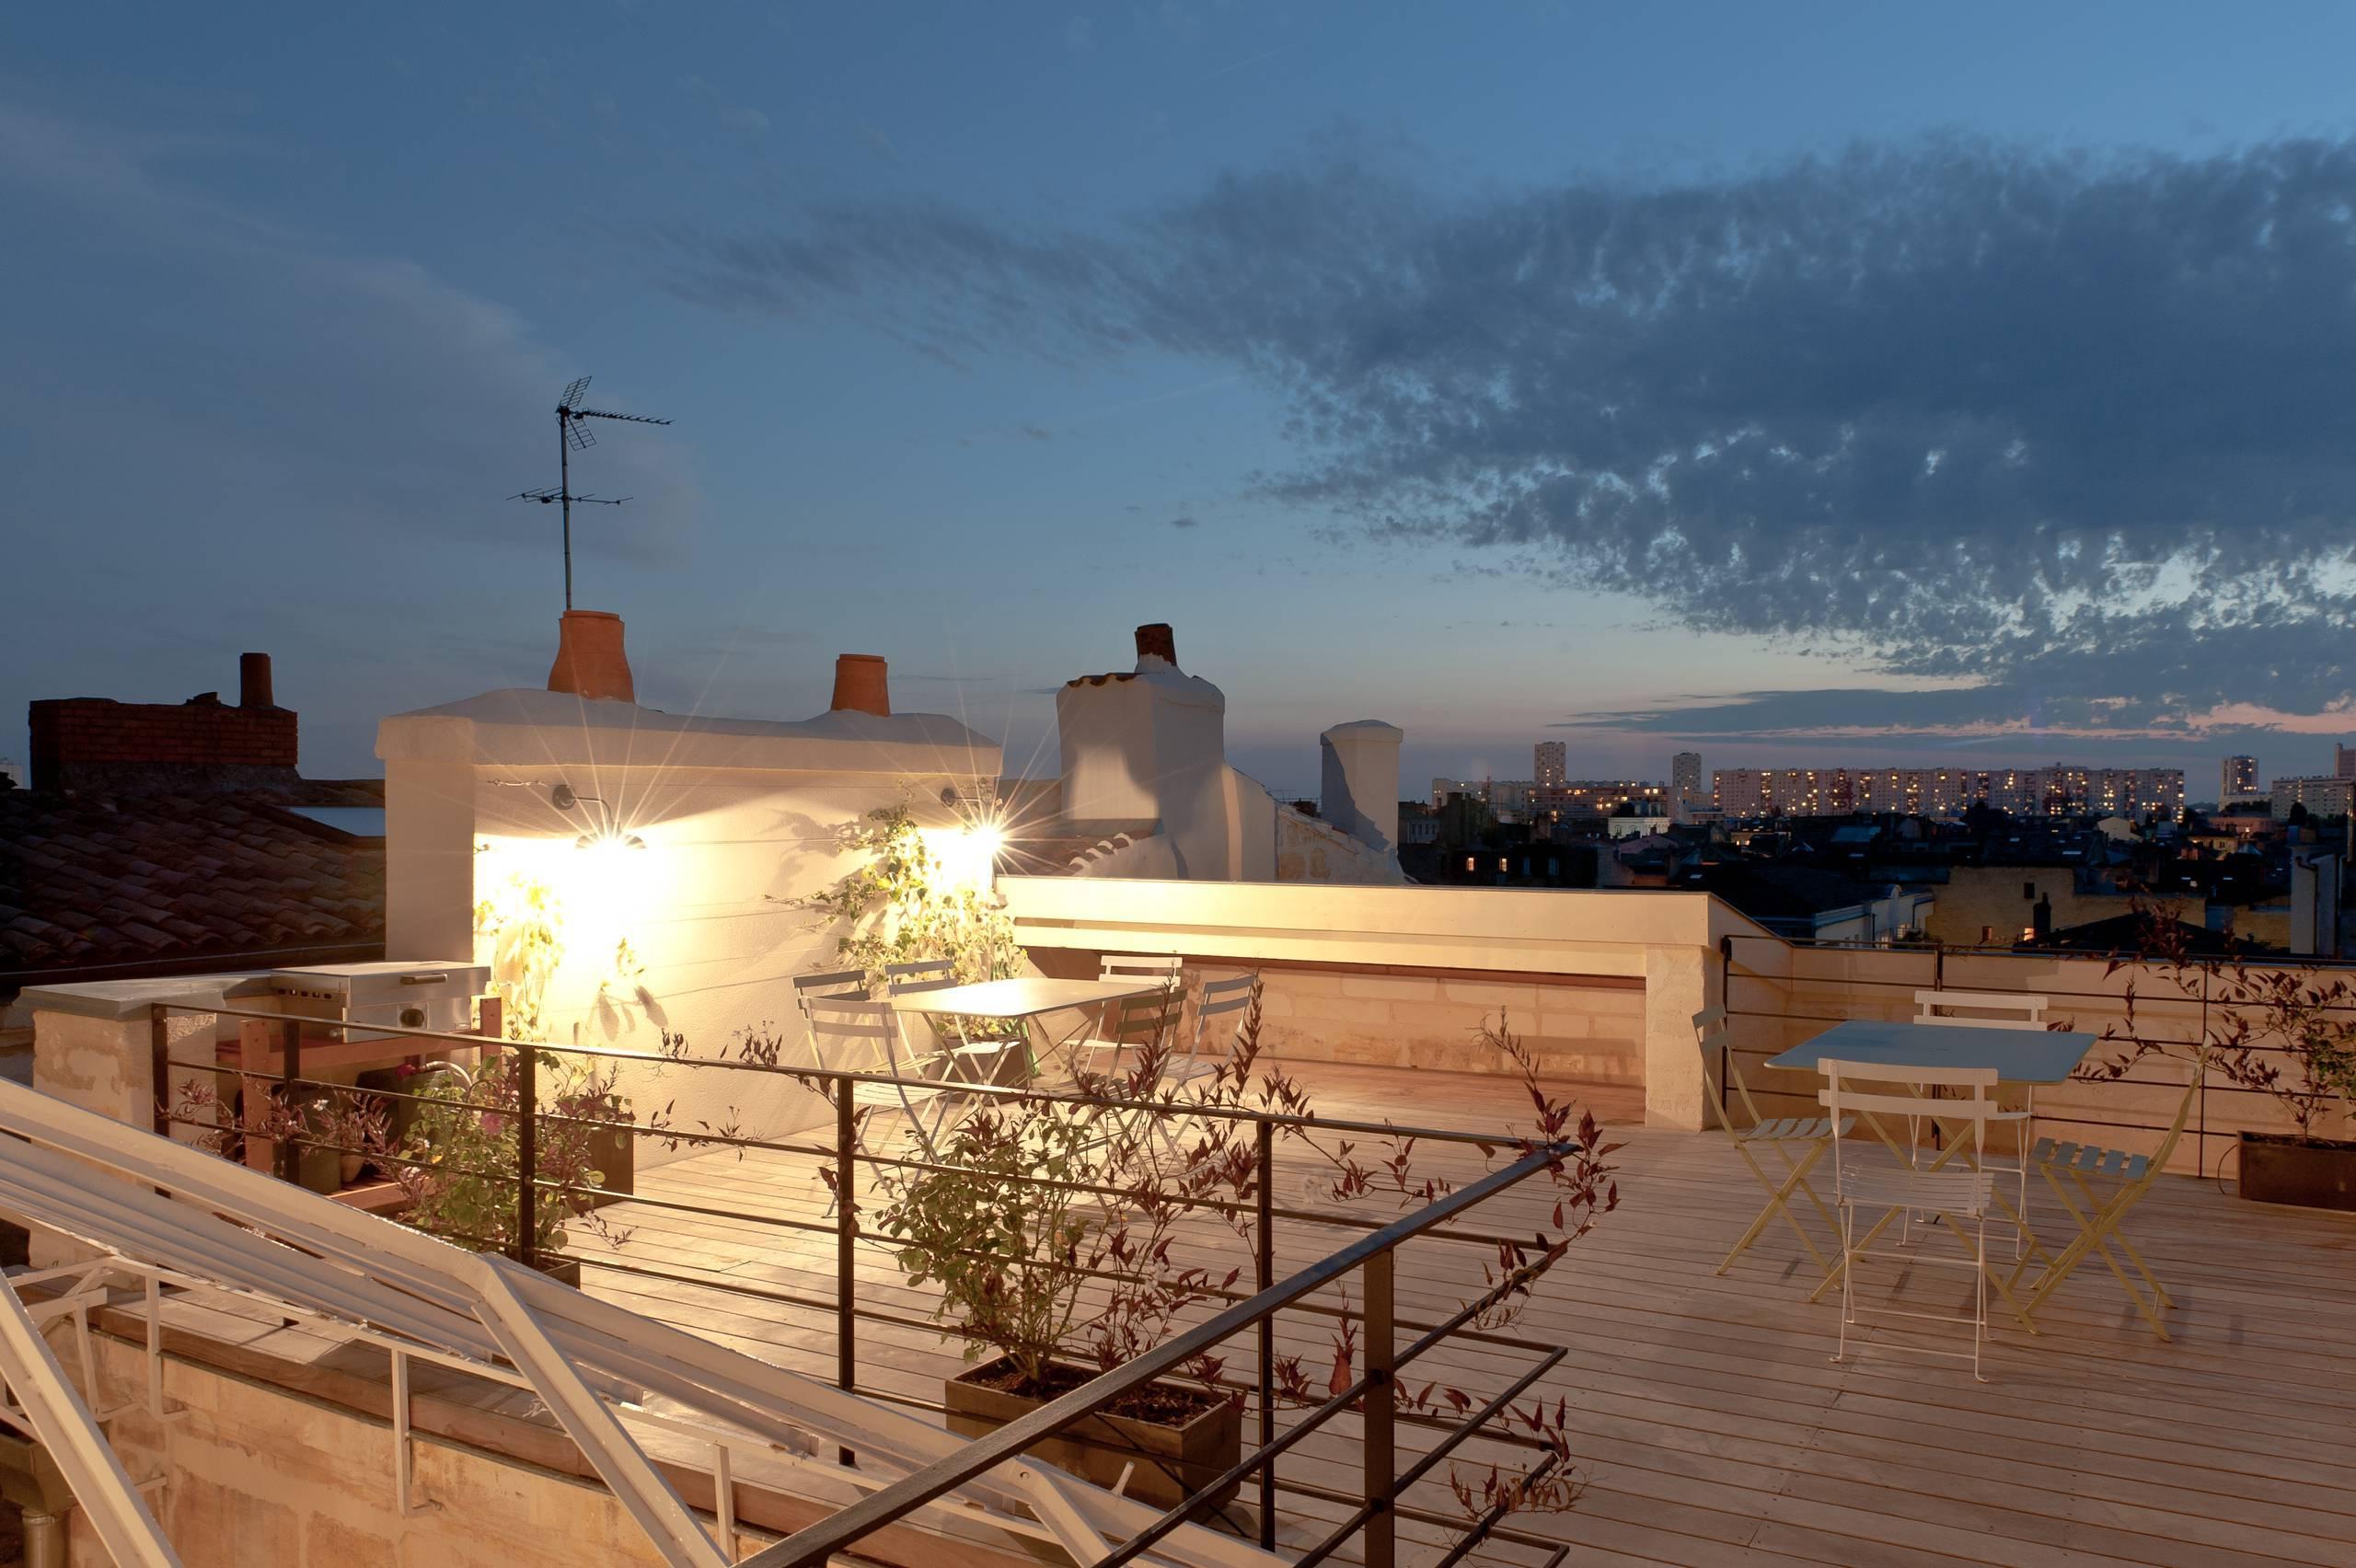 Das angenehme Ambiente auf der Terrasse schafft nur die richtige Terrassenbeleuchtung